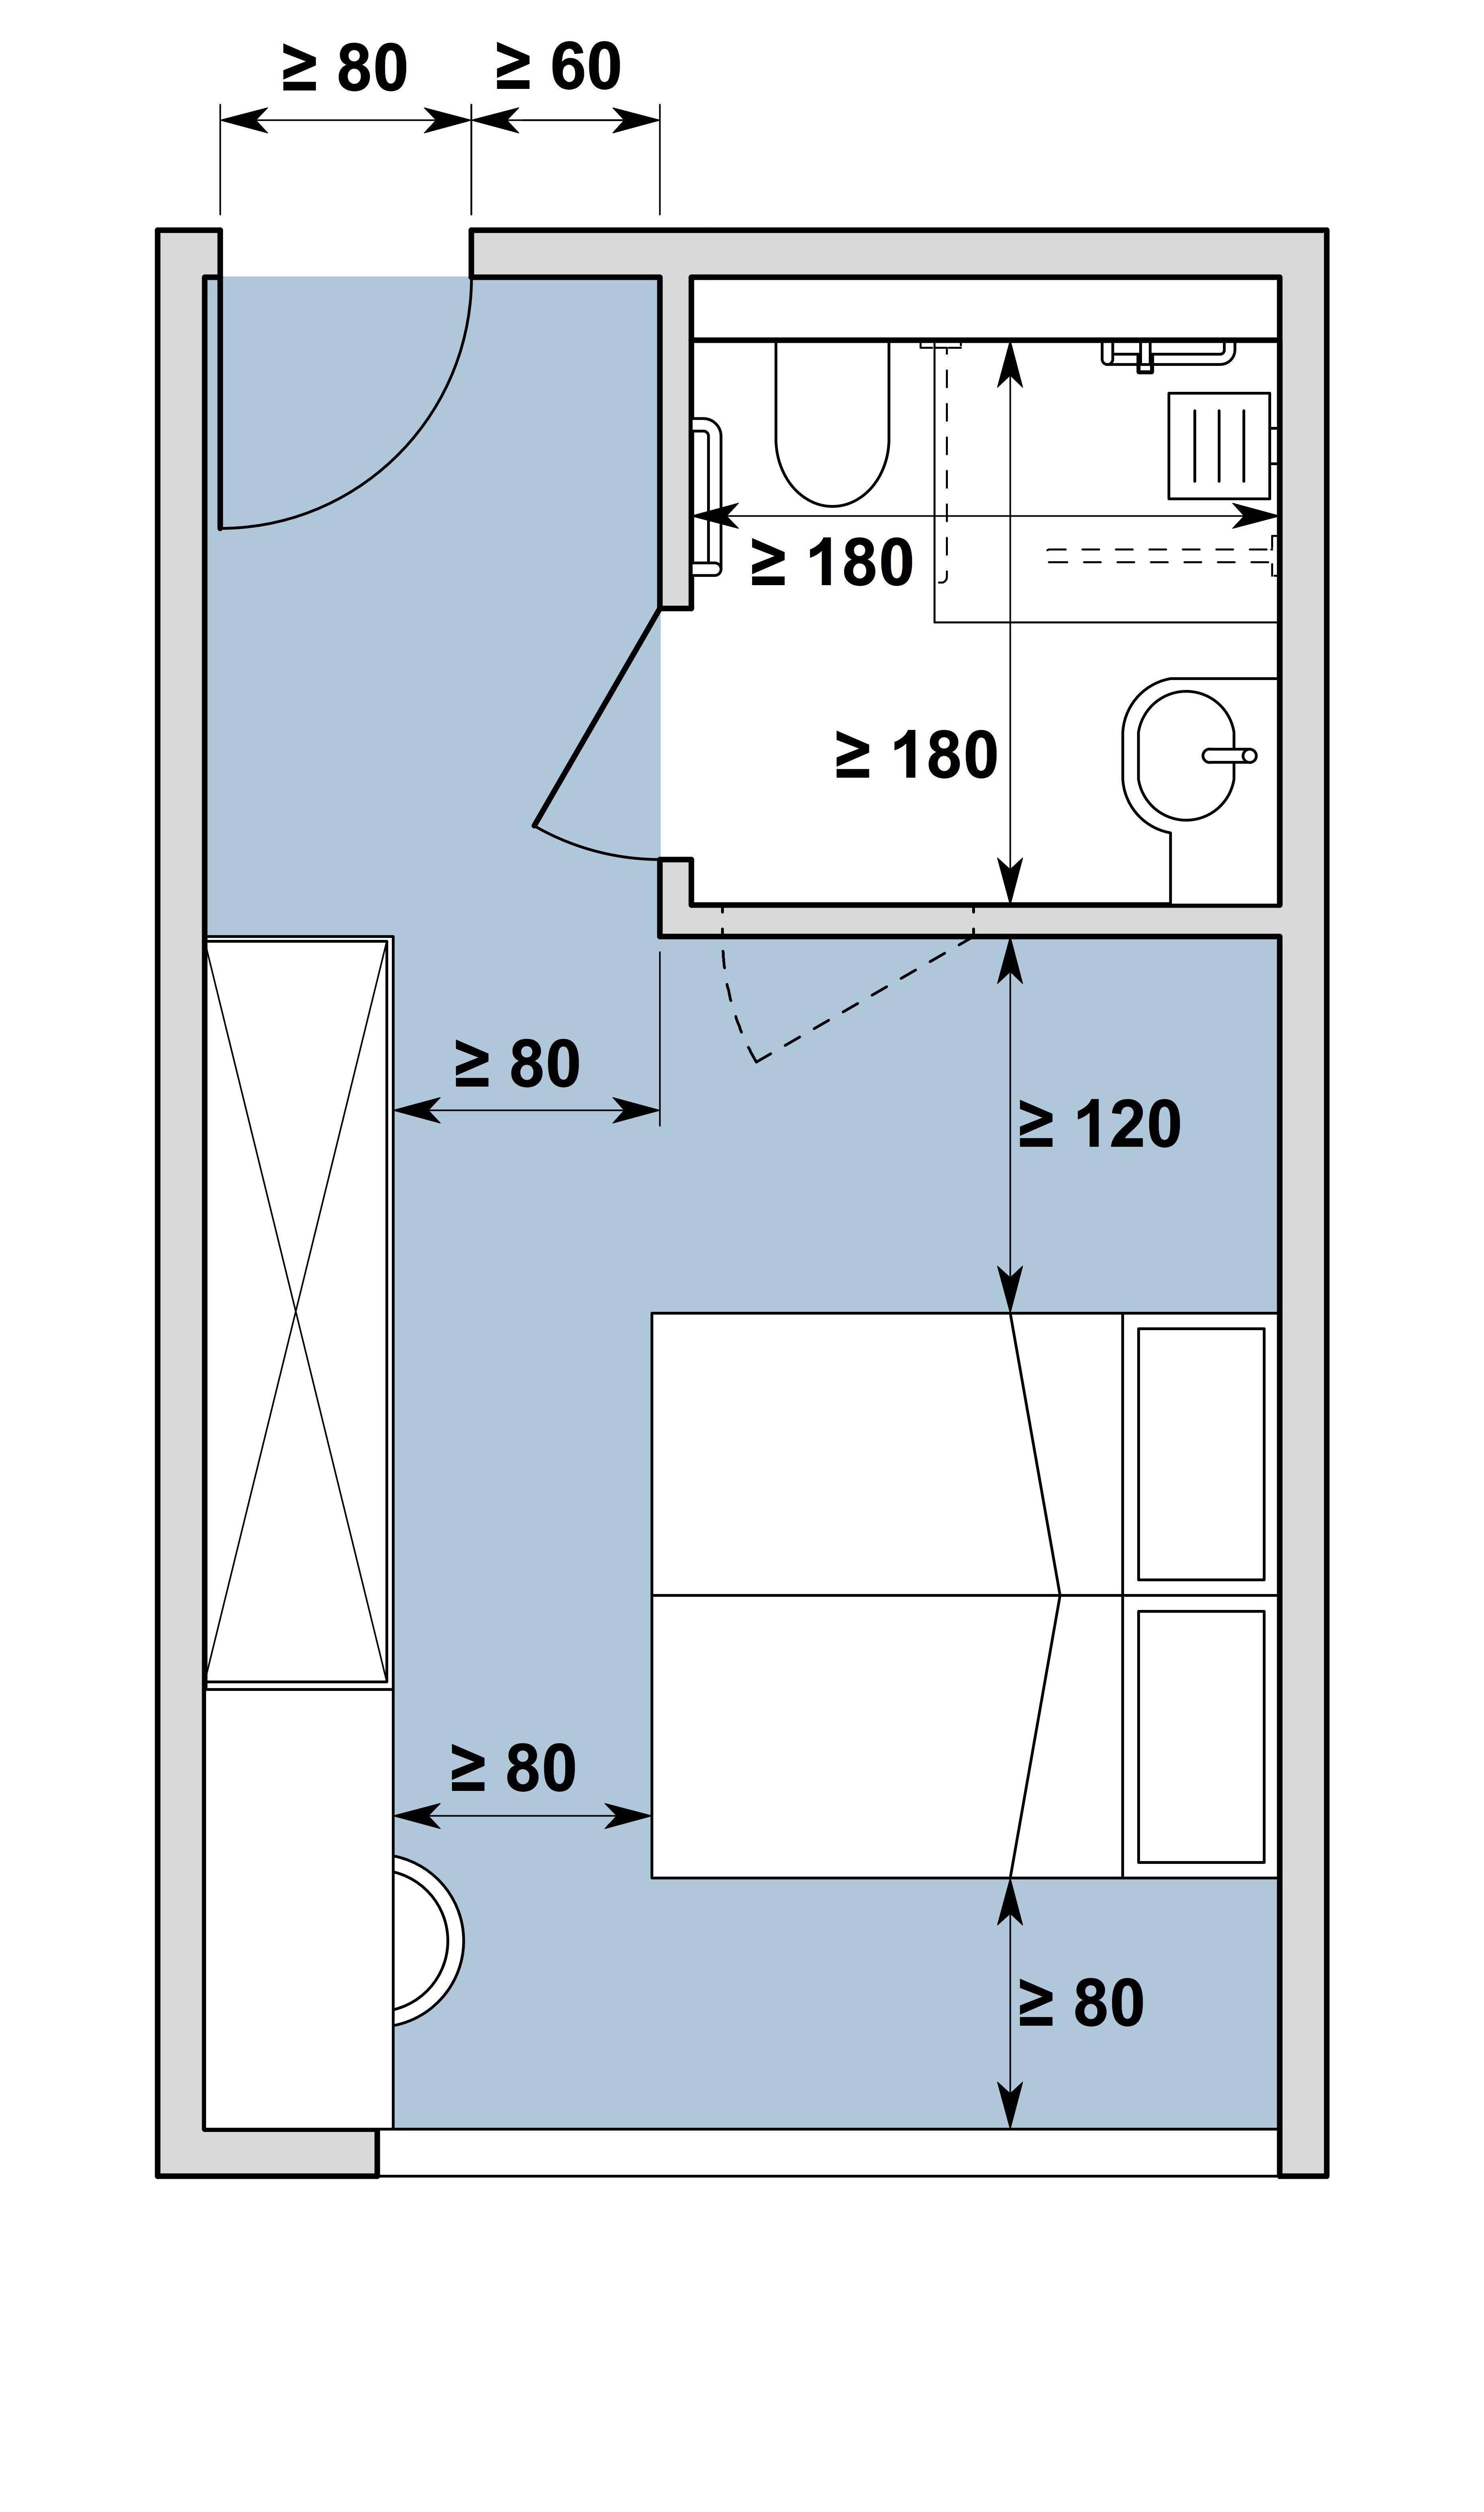 Chambre d'hôtes / Gästezimmer Typ II, variante a